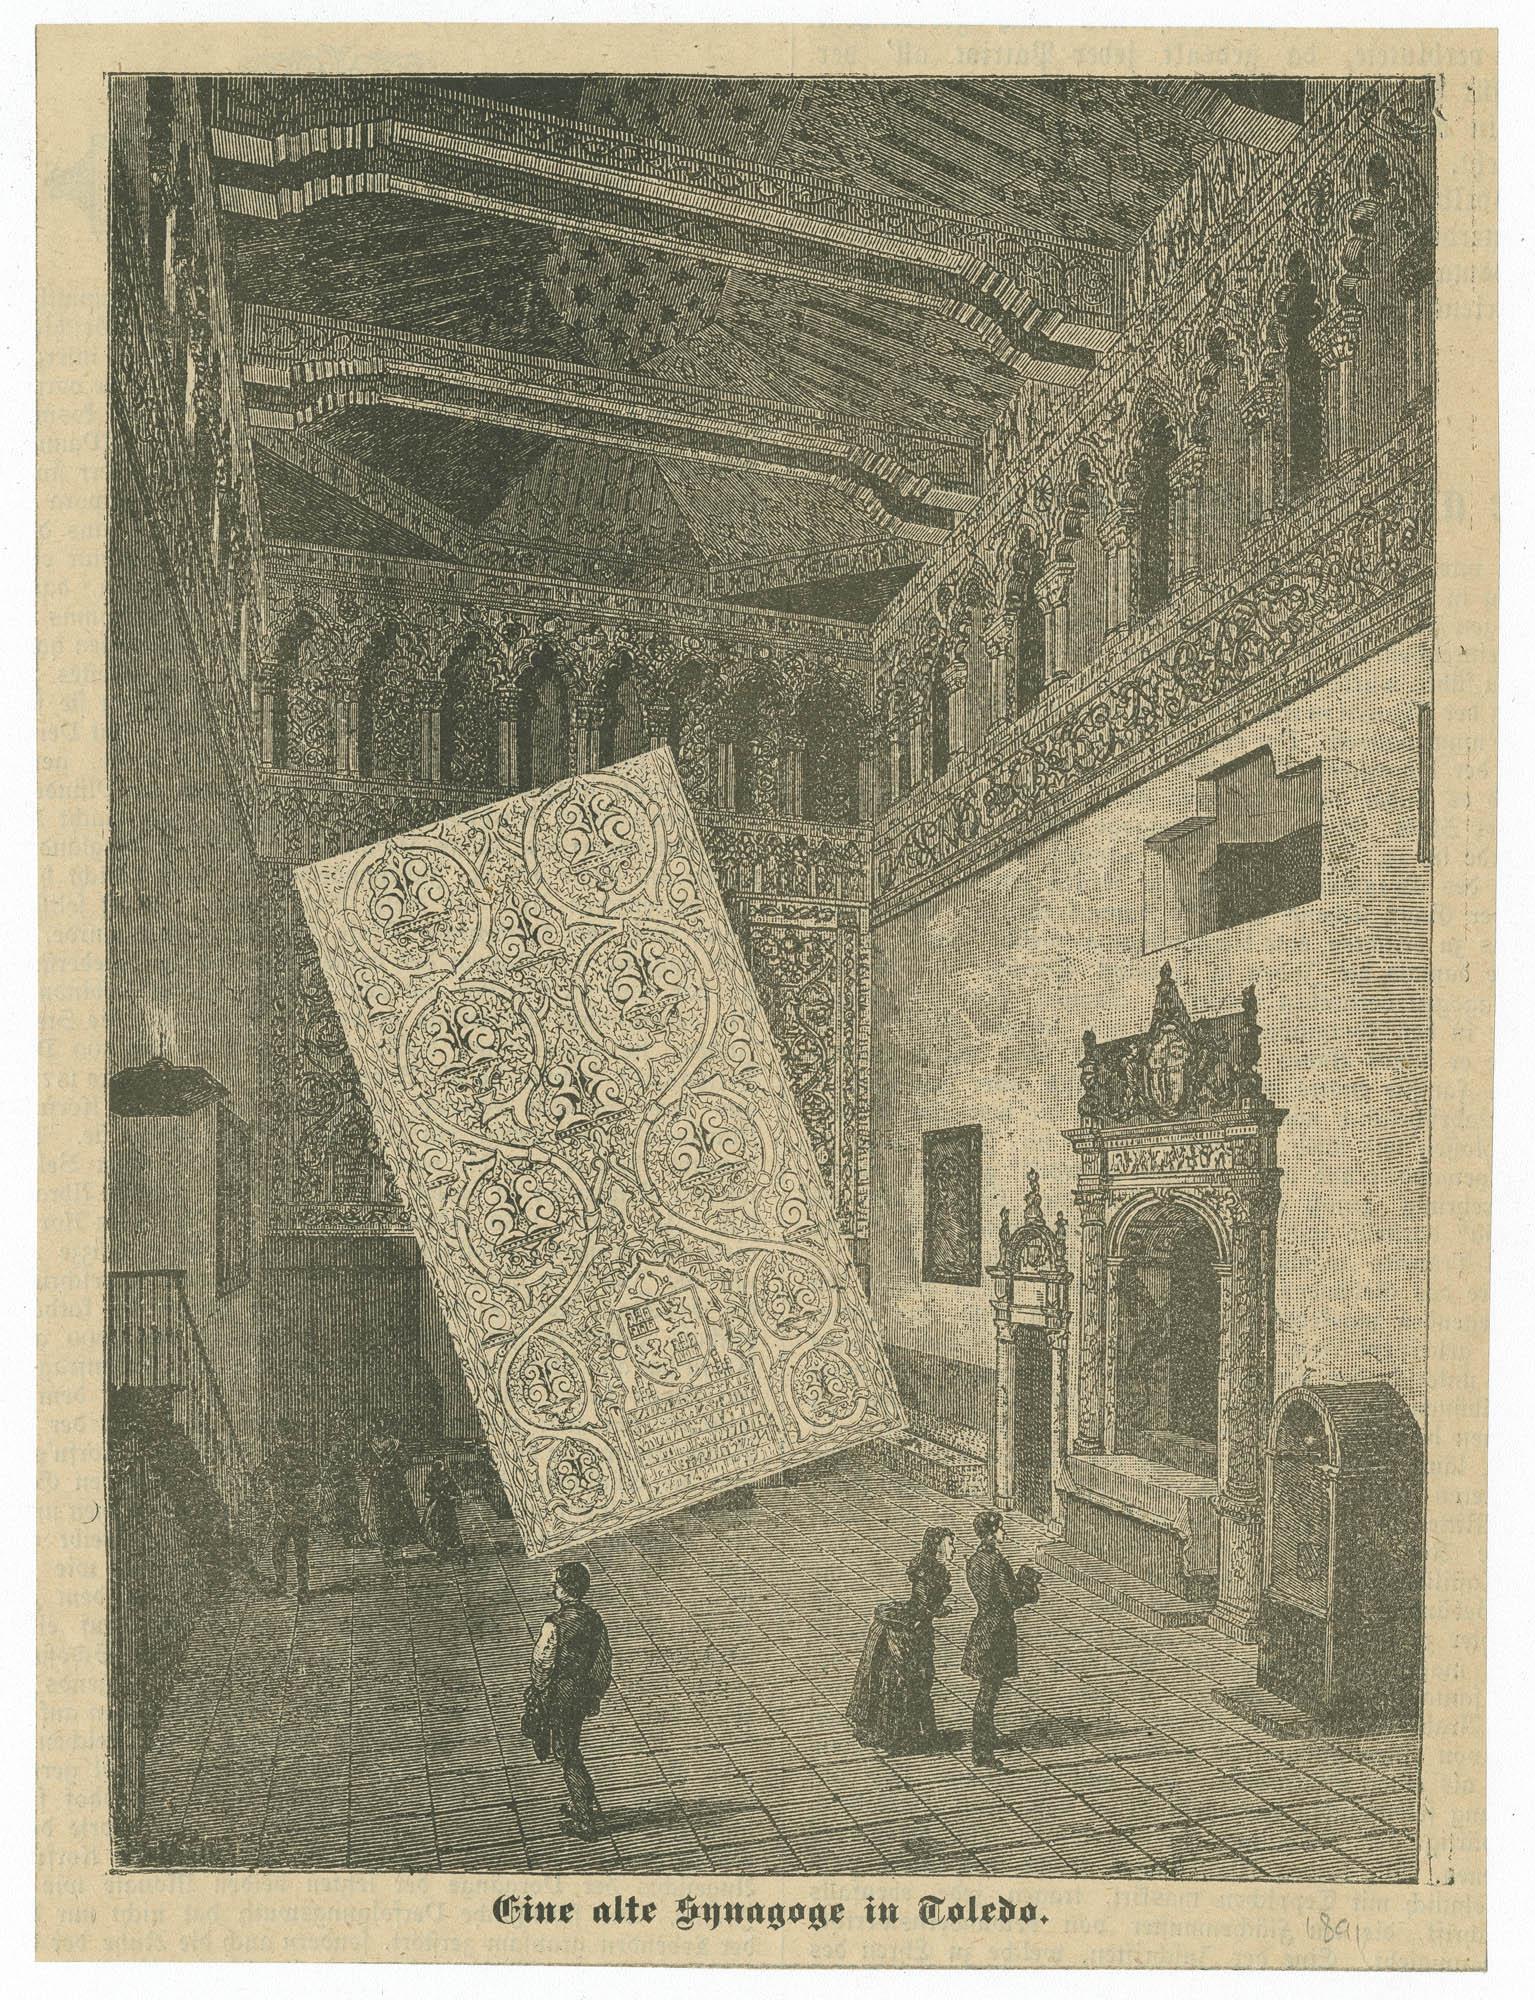 Eine alte Synagoge in Toledo